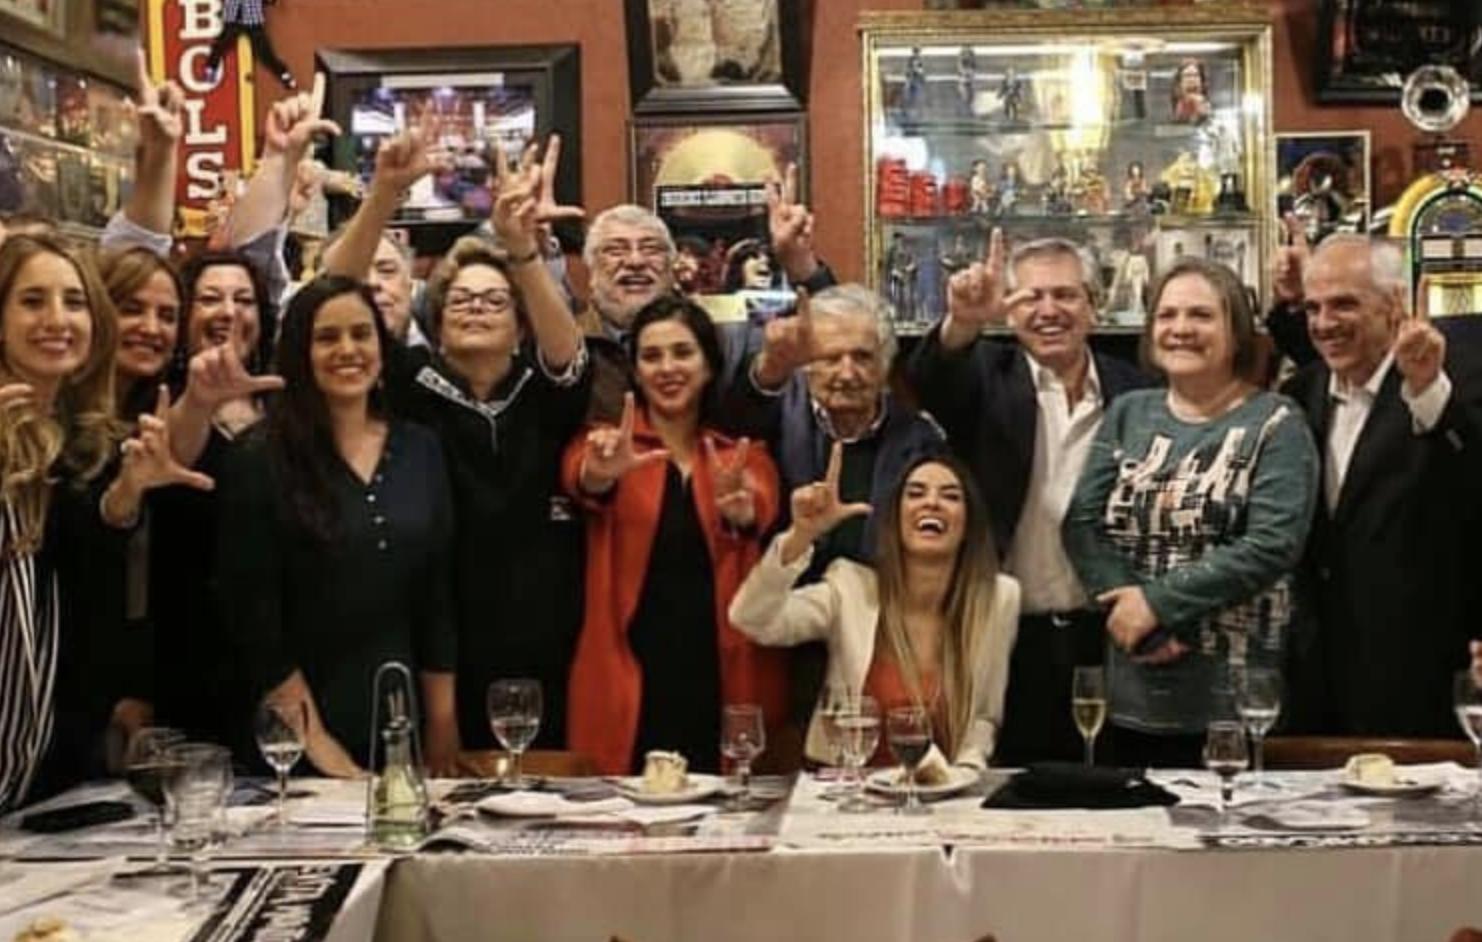 Lula livre, mas sugestões da professora Enders à esquerda continuam atuais: sair da bolha, buscar alianças e entender o que faz o povo ser contra a democracia